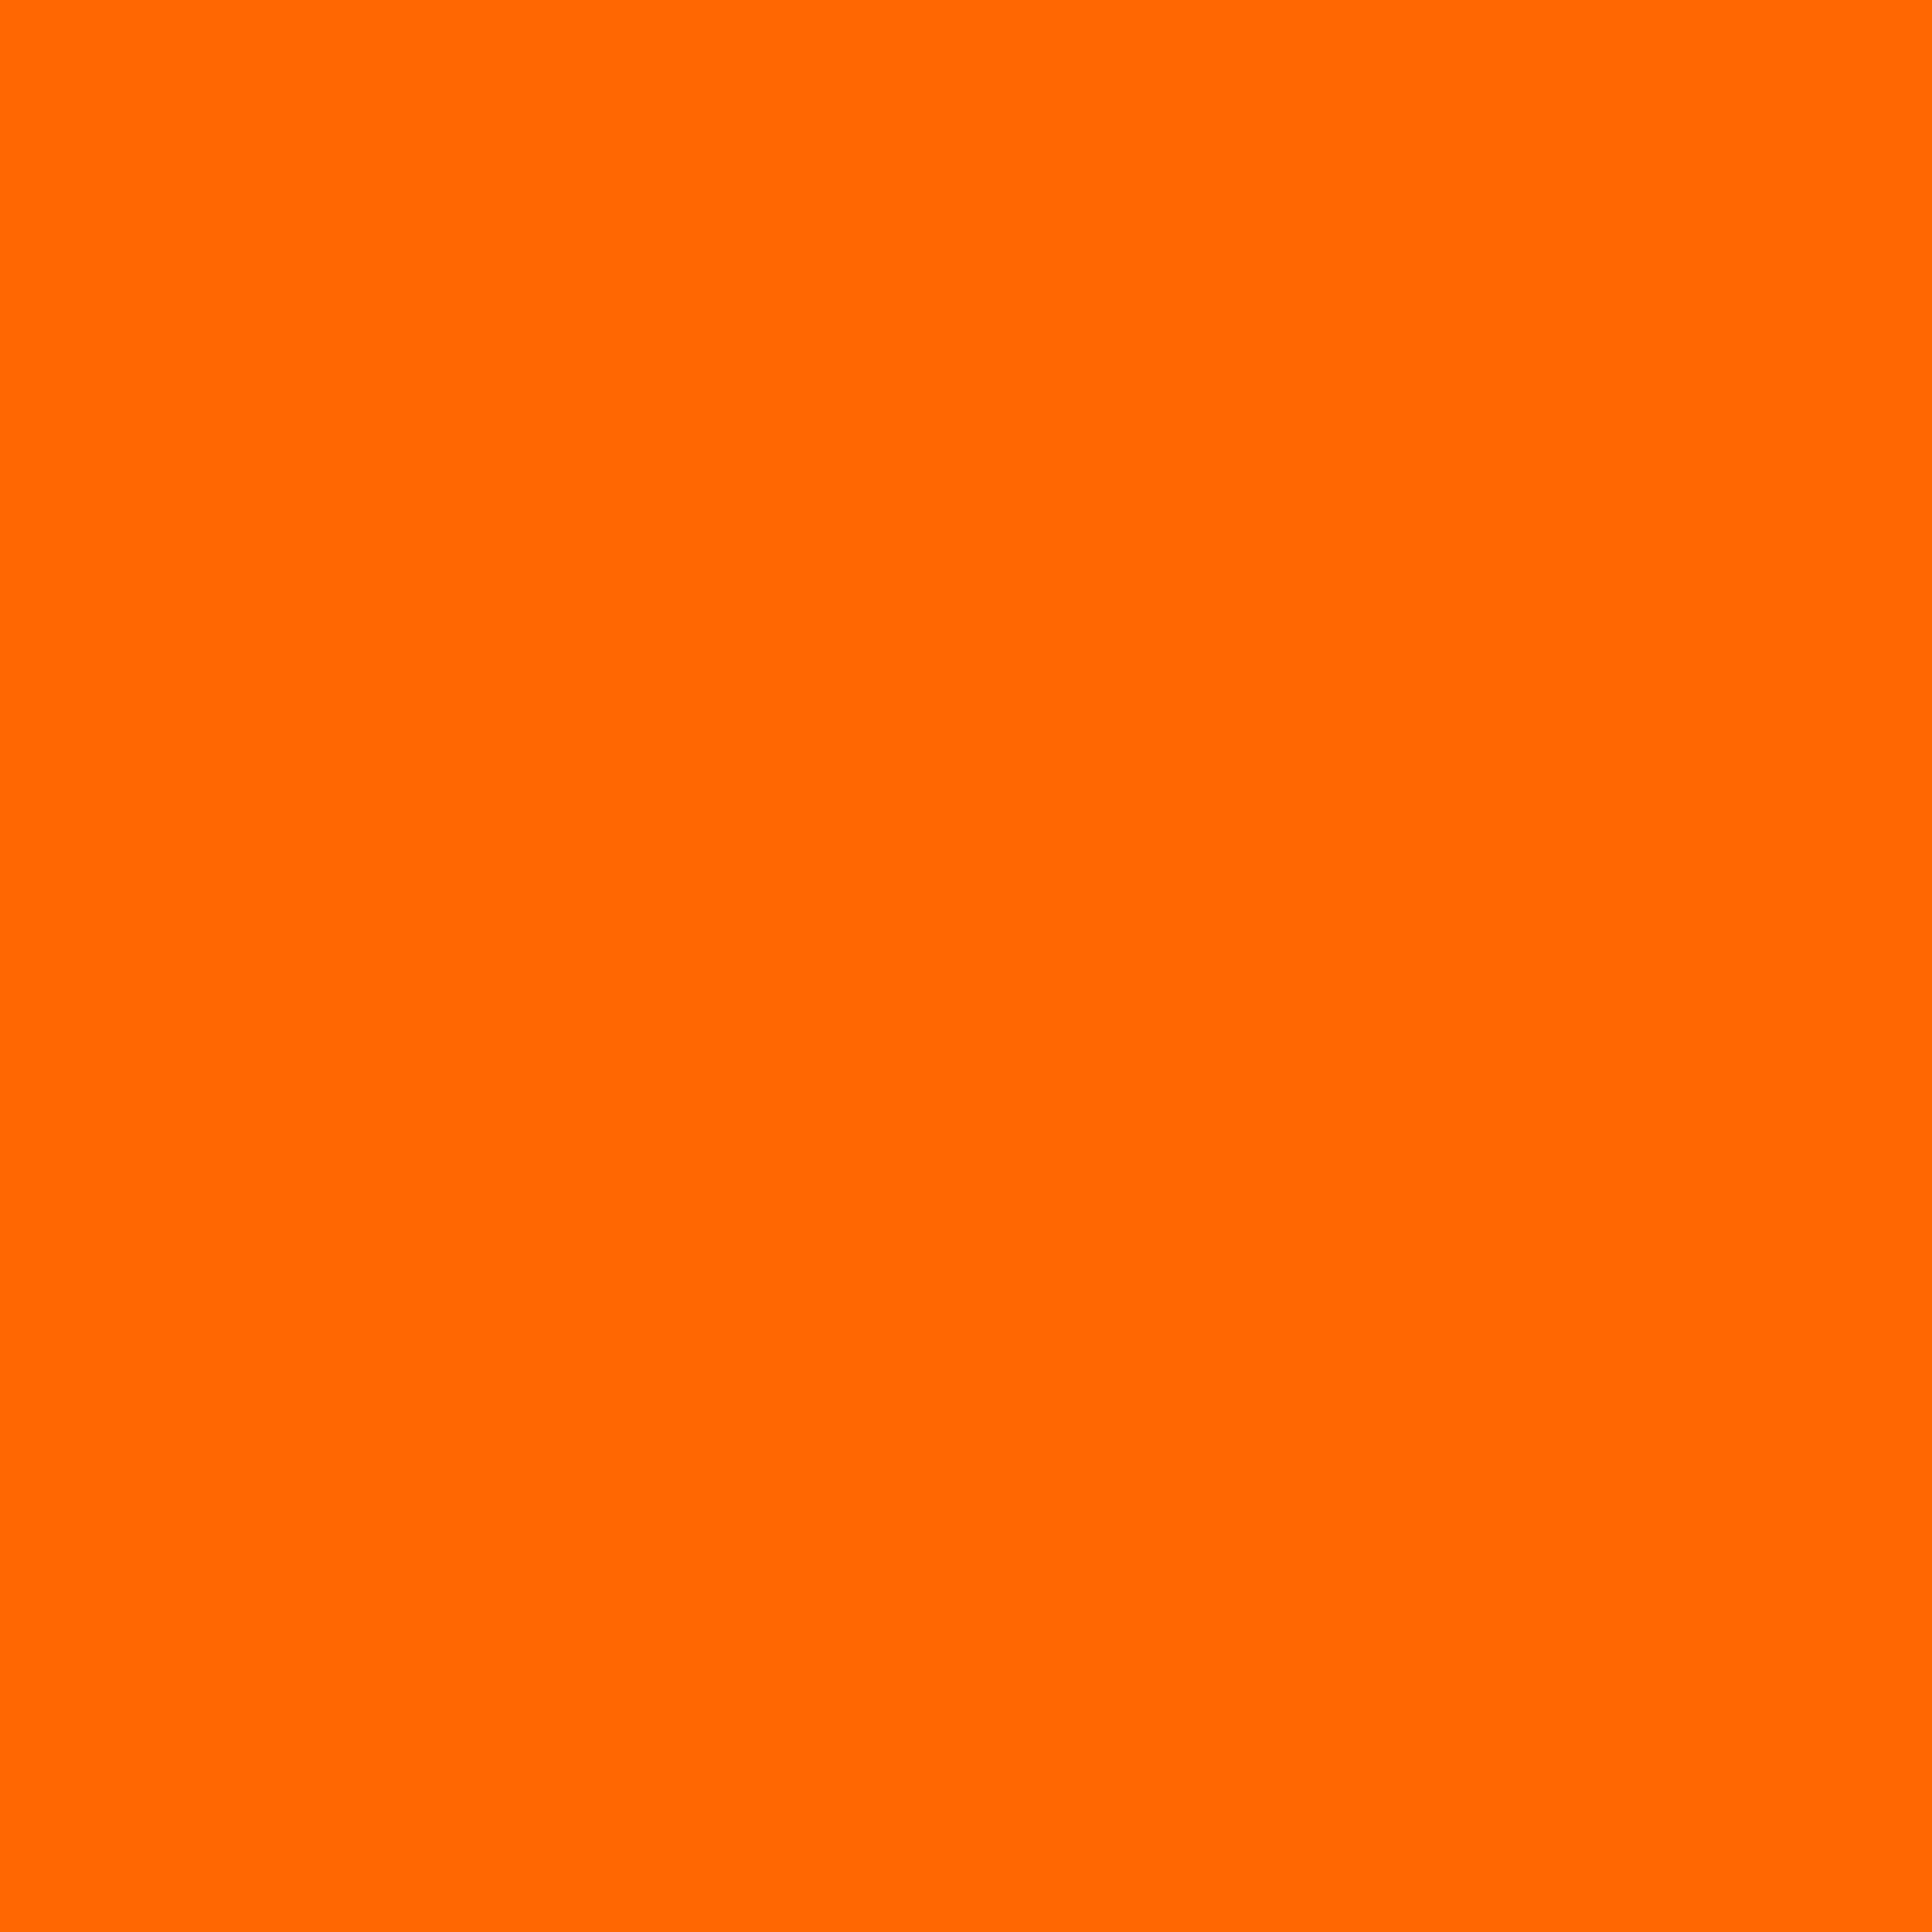 2048x2048 Safety Orange Blaze Orange Solid Color Background